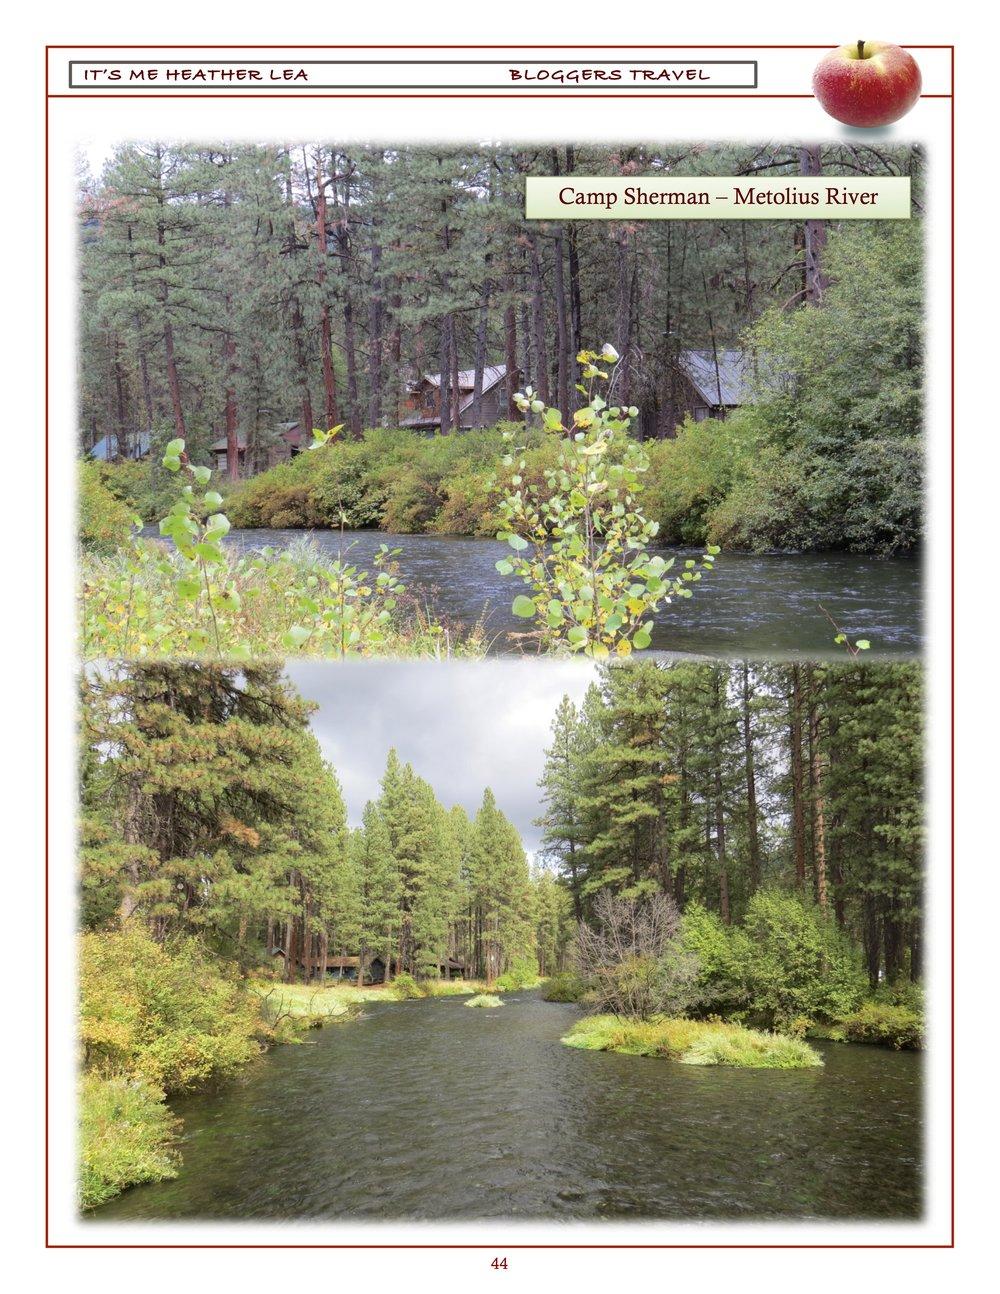 CO Trip Newsletter Revised 44.jpg